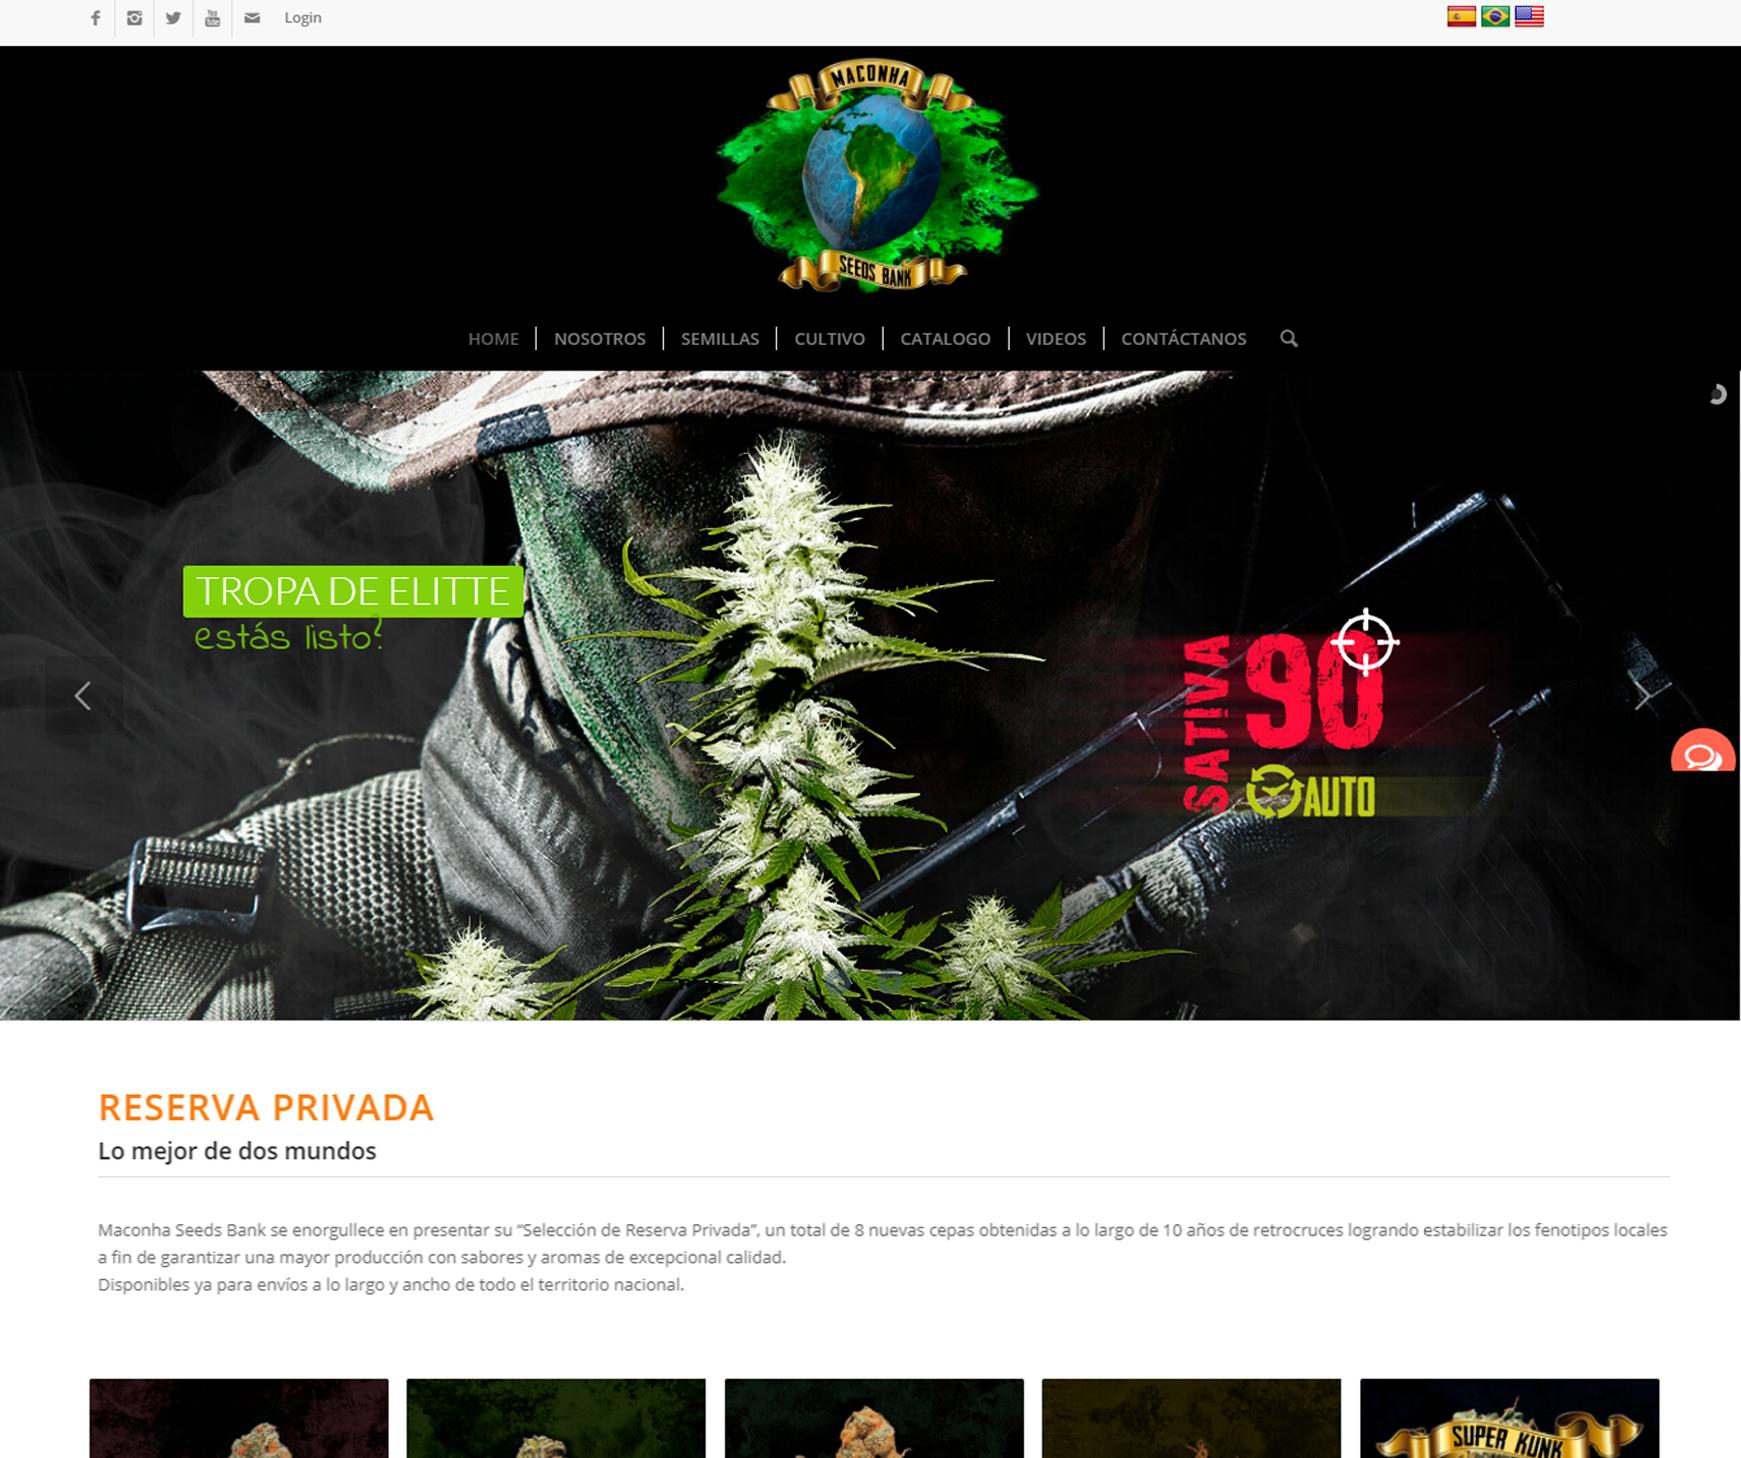 Maconha Seeds Bank - Brand